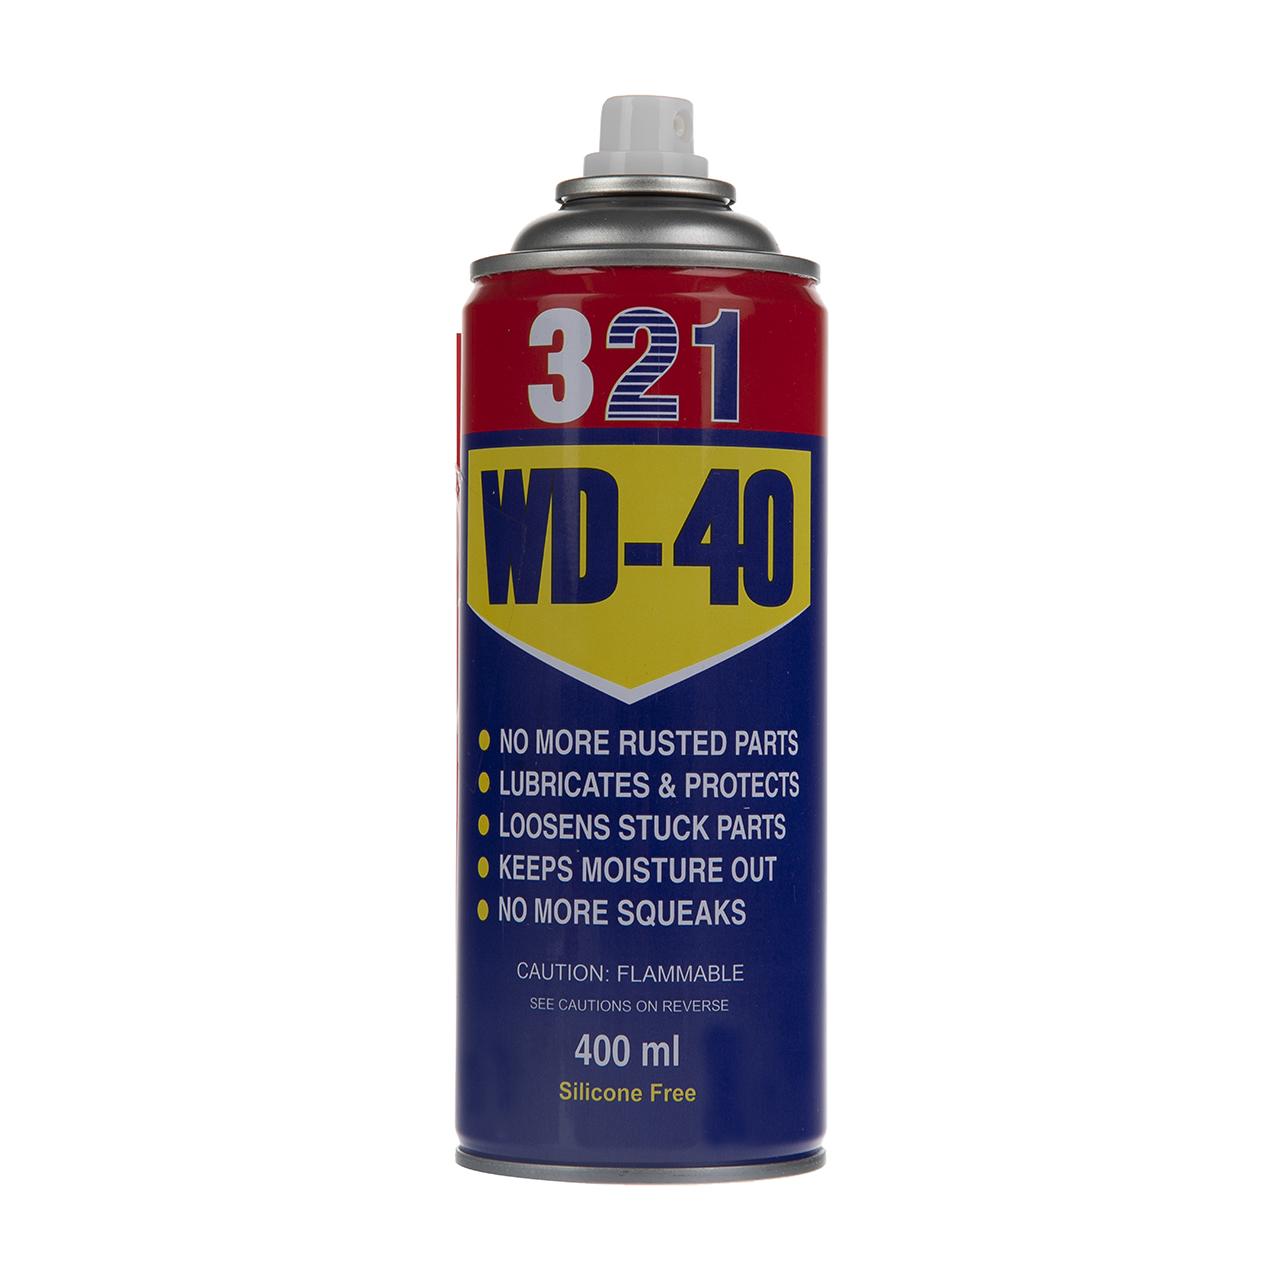 اسپری روان کننده و زنگ بر مدل WD-40  حجم 400 میلی لیتر